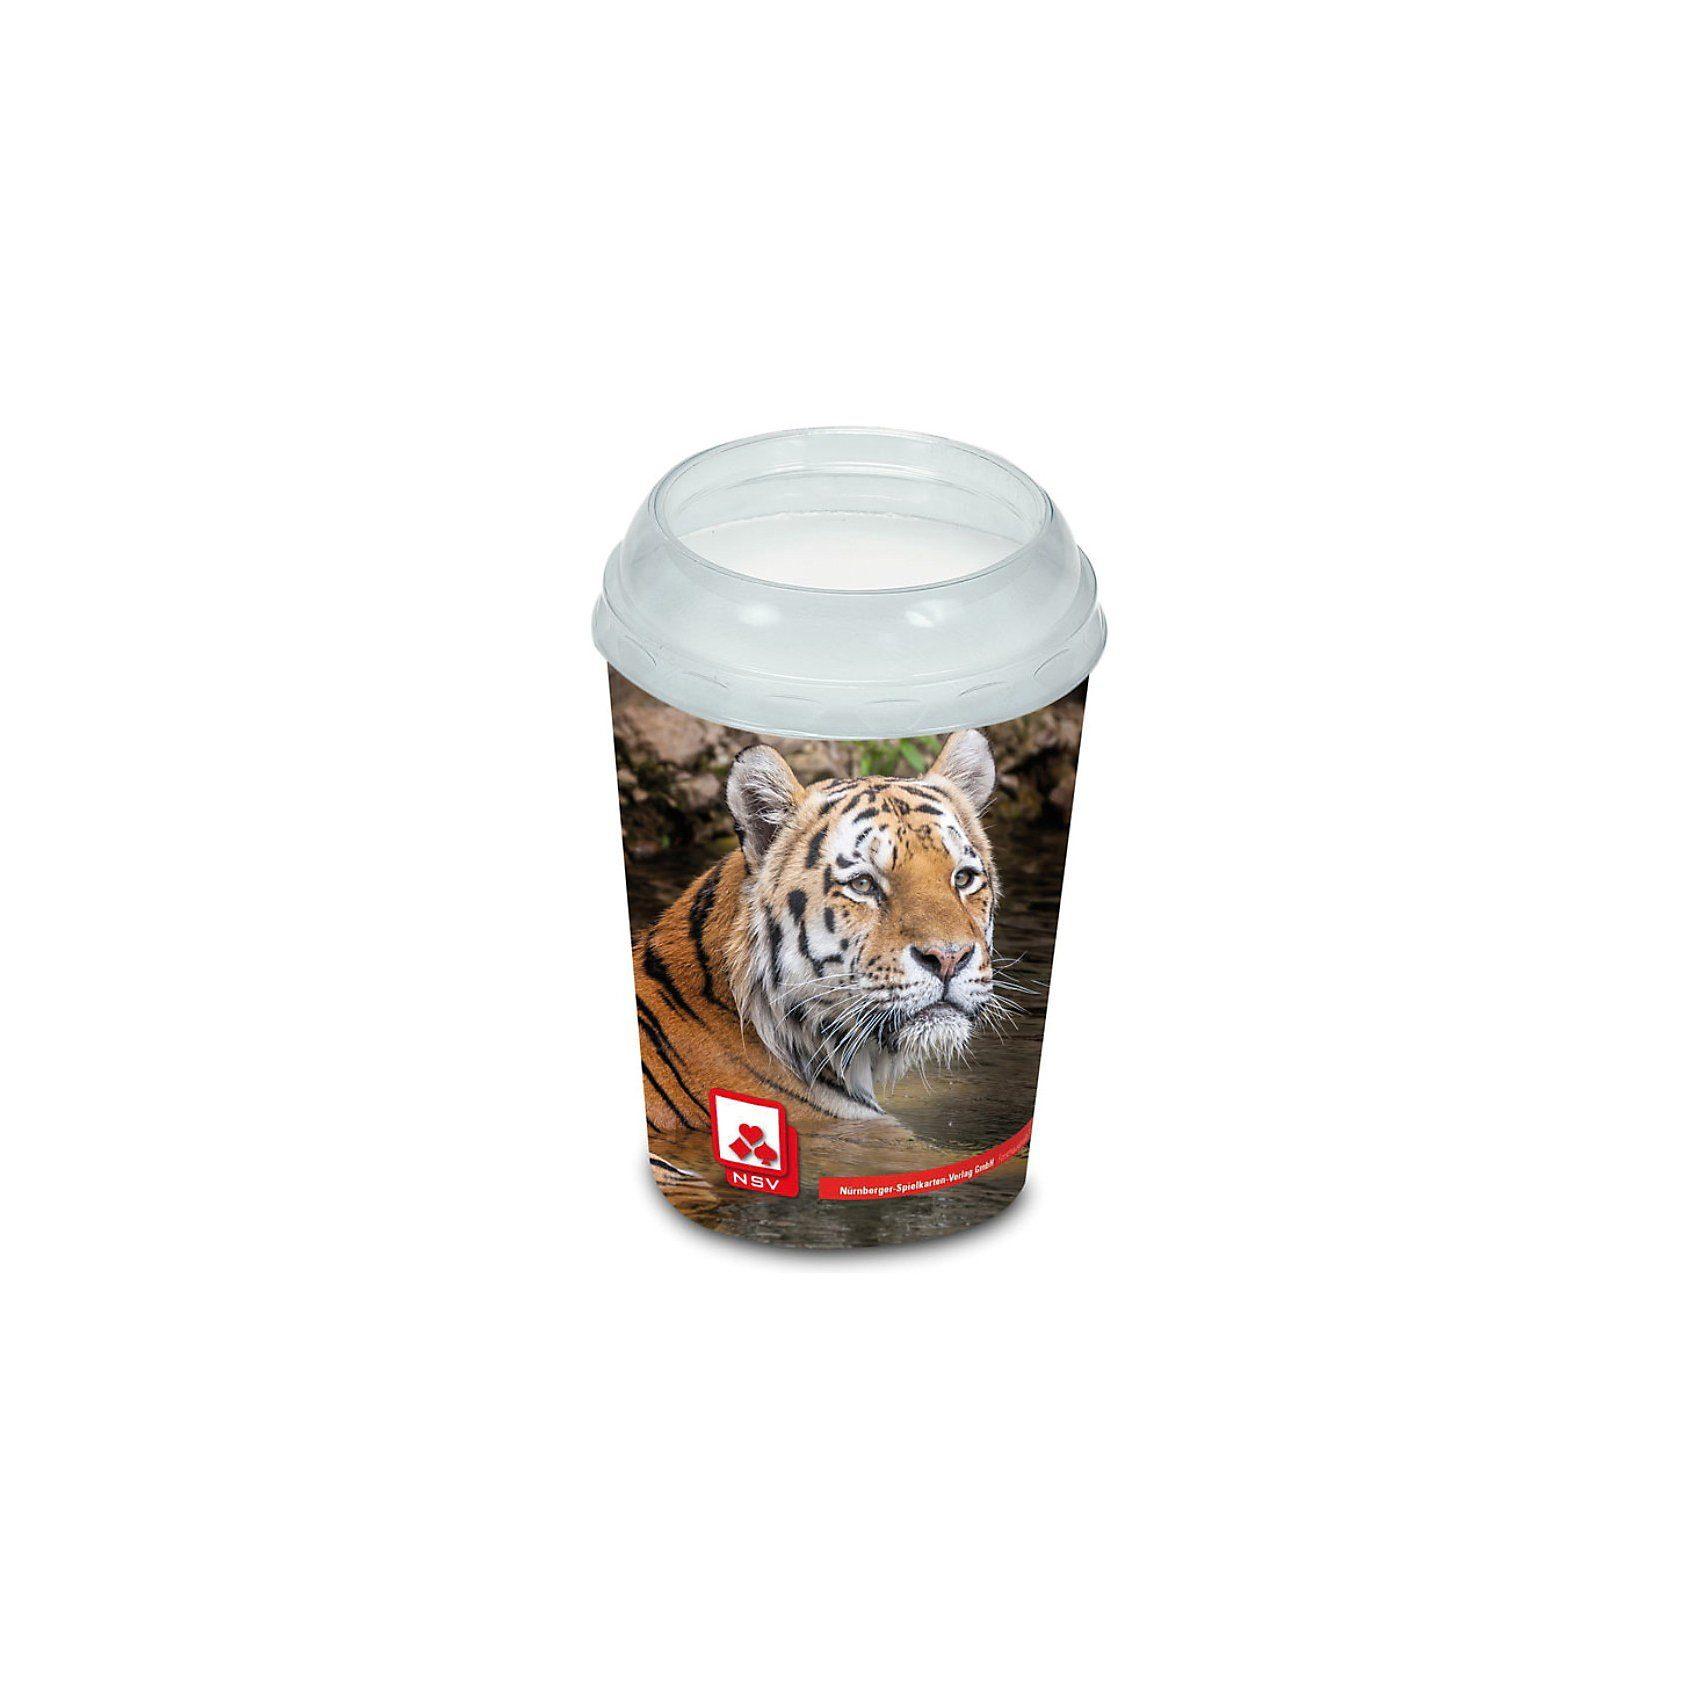 Nürnberger Spielkarten Cup Puzzle - Toro der Tiger 77 Teile